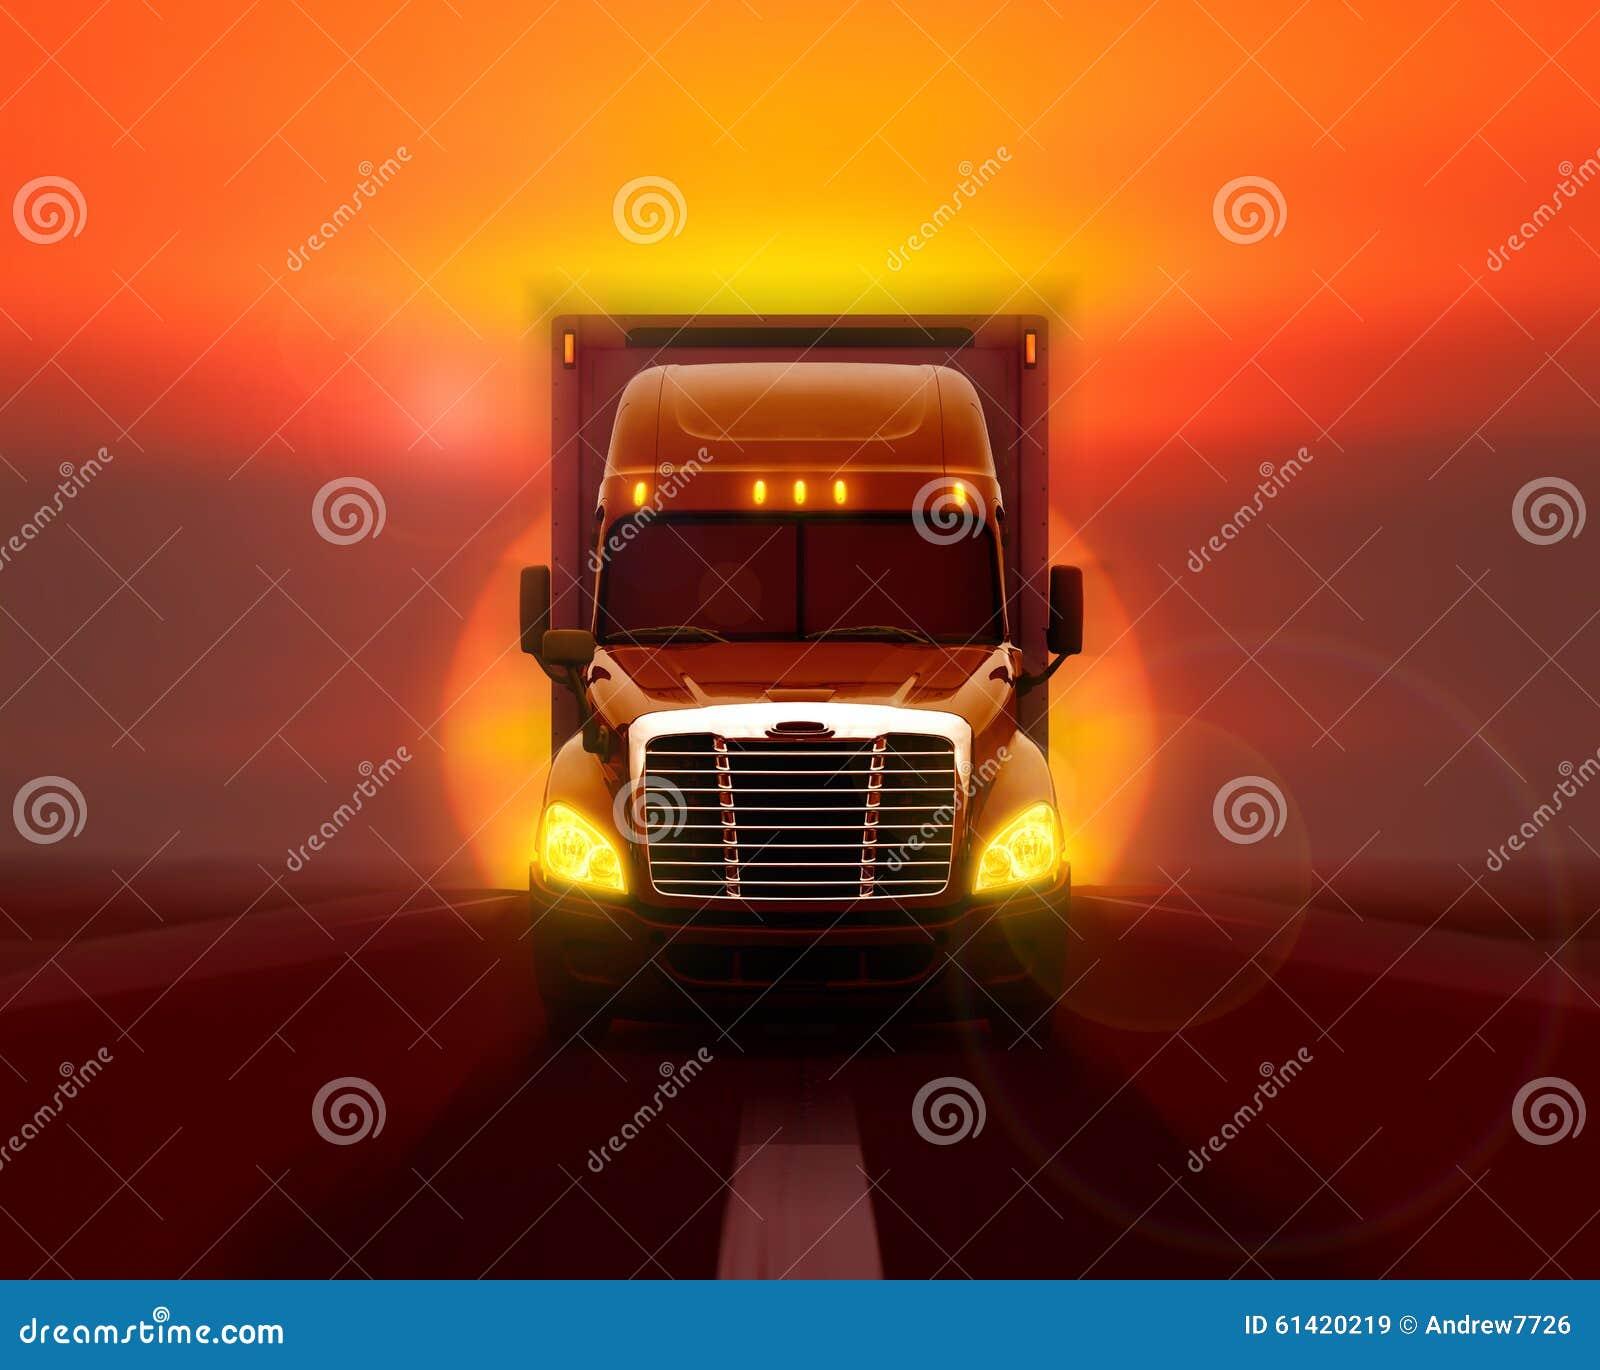 LKW Freightliner Kolumbien, der sich schnell auf der Straße verschiebt